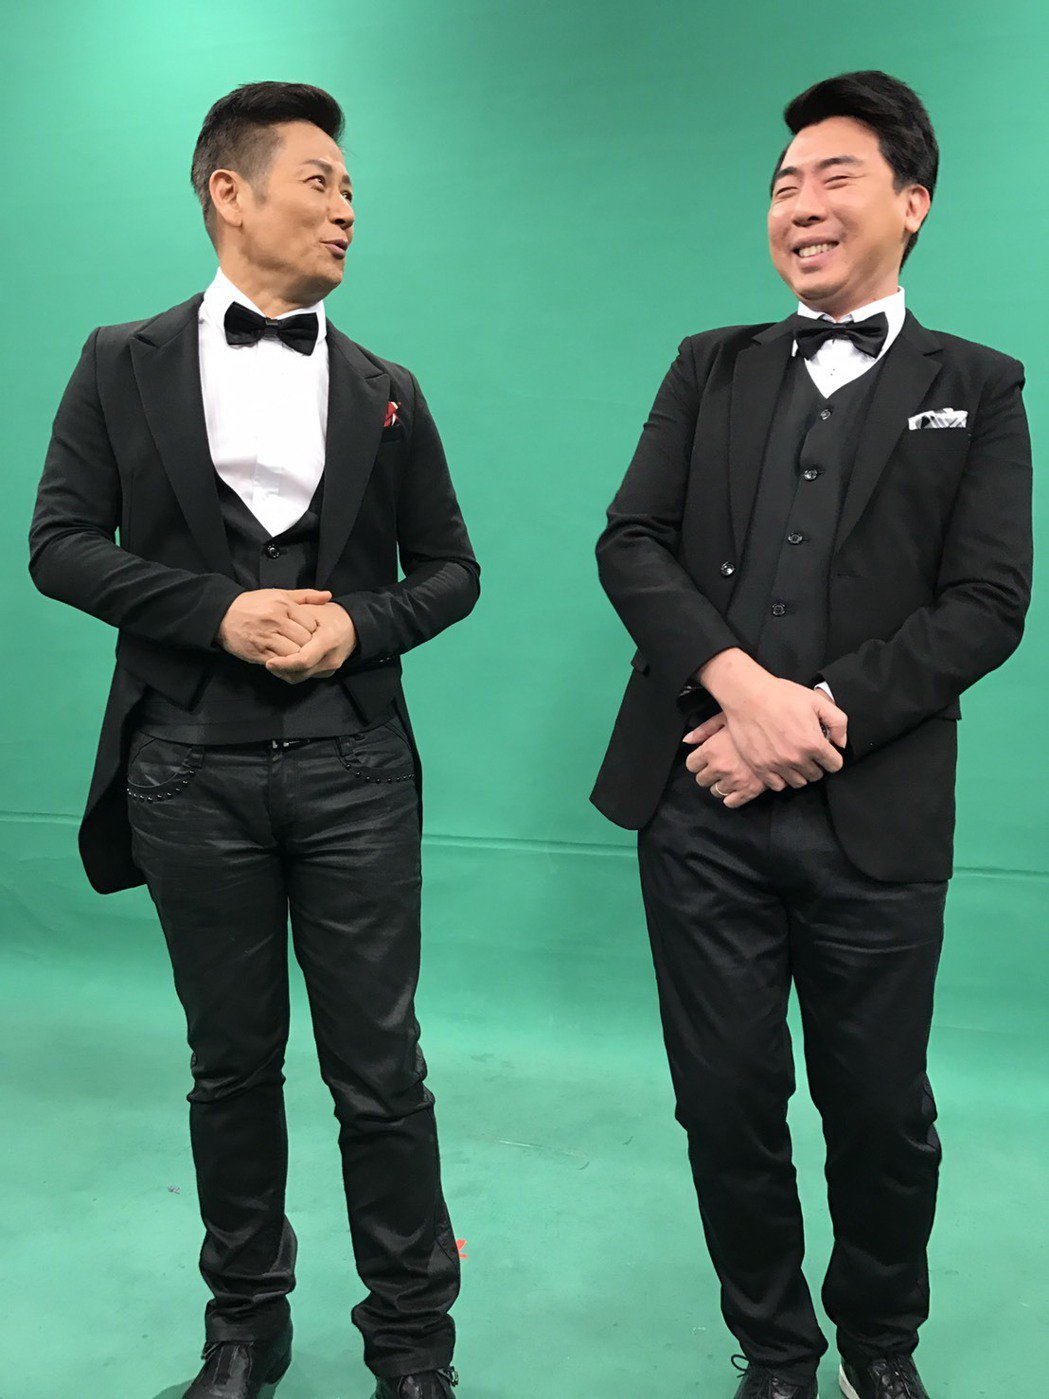 徐乃麟(左)和梁赫群一起搭檔節目,當初梁只是徐的節目製作人,如今終於合作。記者葉